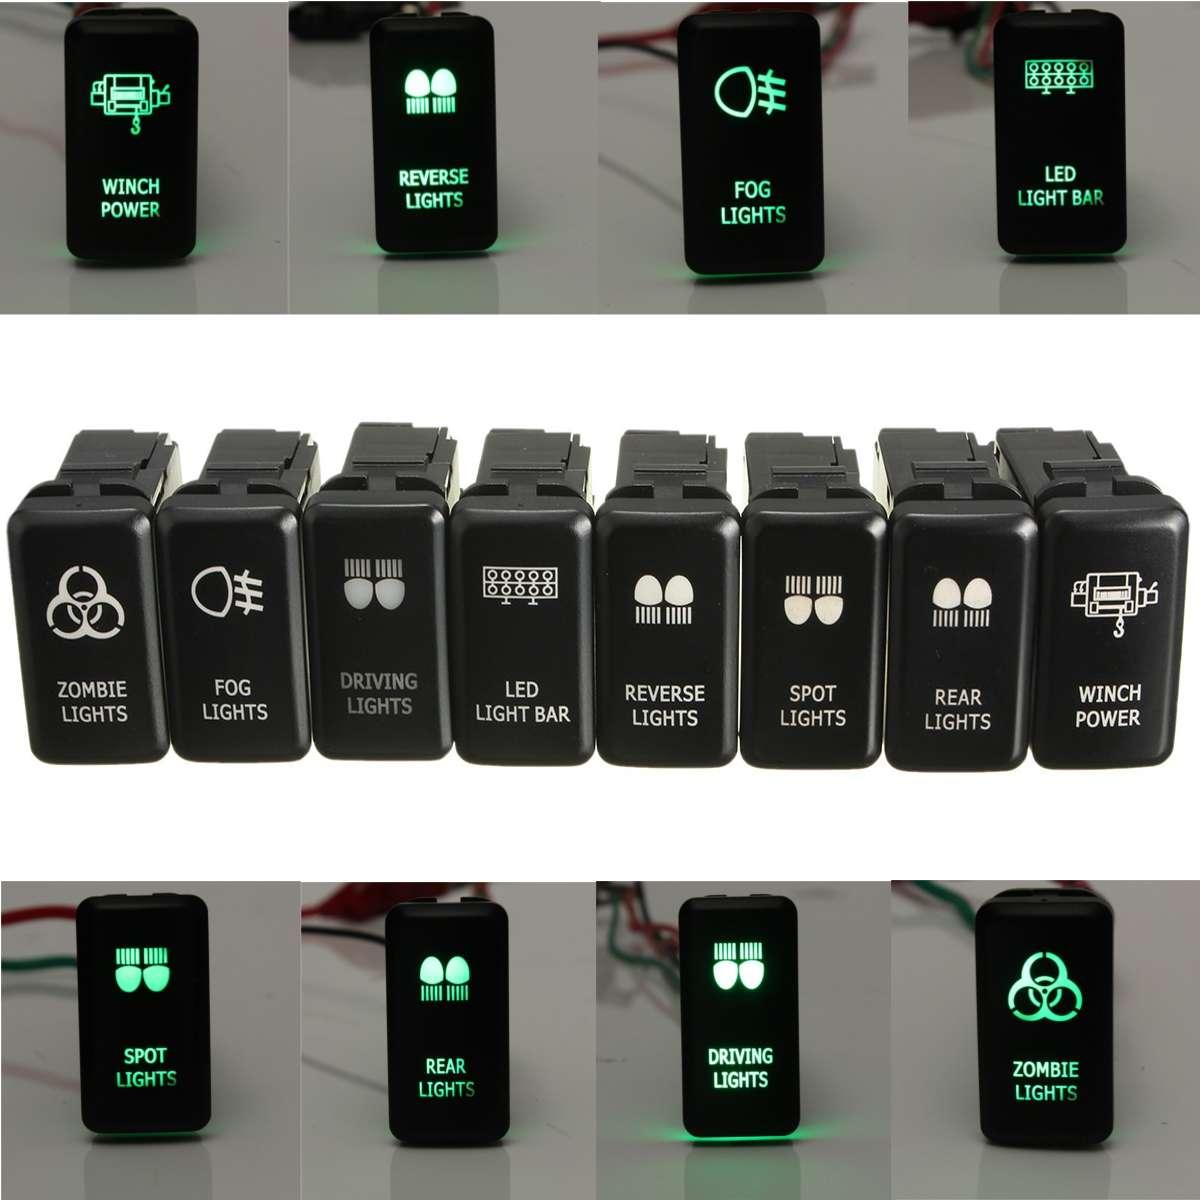 Interruptor de repuesto de 12V LED verde OEM para Toyota Landcruiser Hilux Prado 120 serie 2003-2009 Barra de luz Led luz de conducción